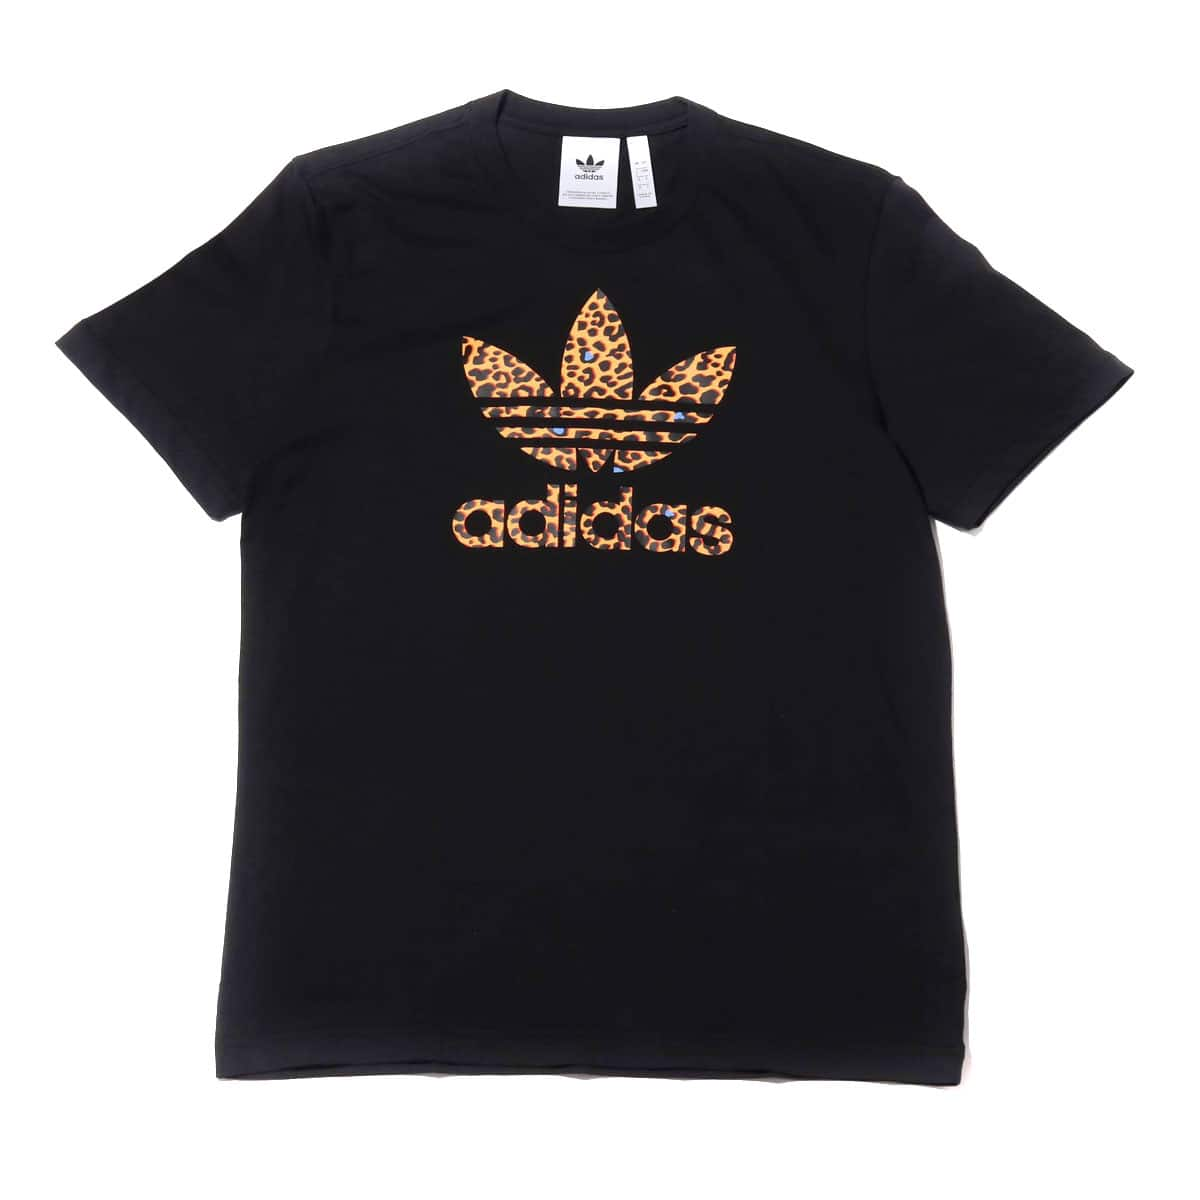 adidas LEPO TREFOIL TEE BLACK 19FW-I_photo_large